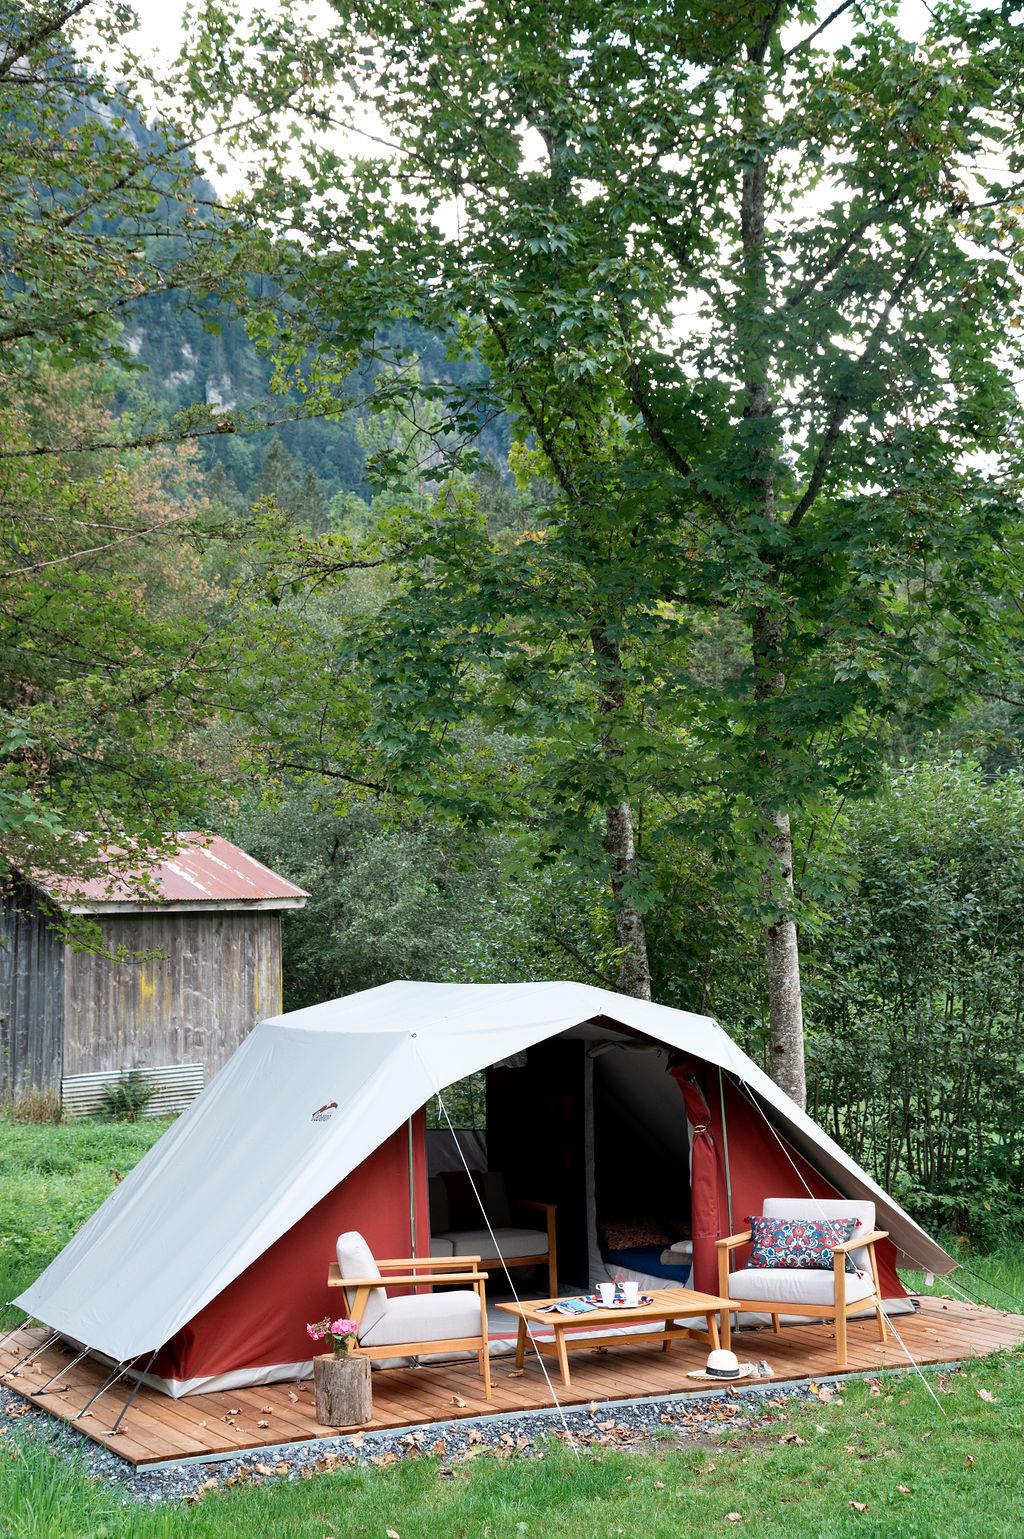 camping-le-pelly-slide-bora-bora-tent-12